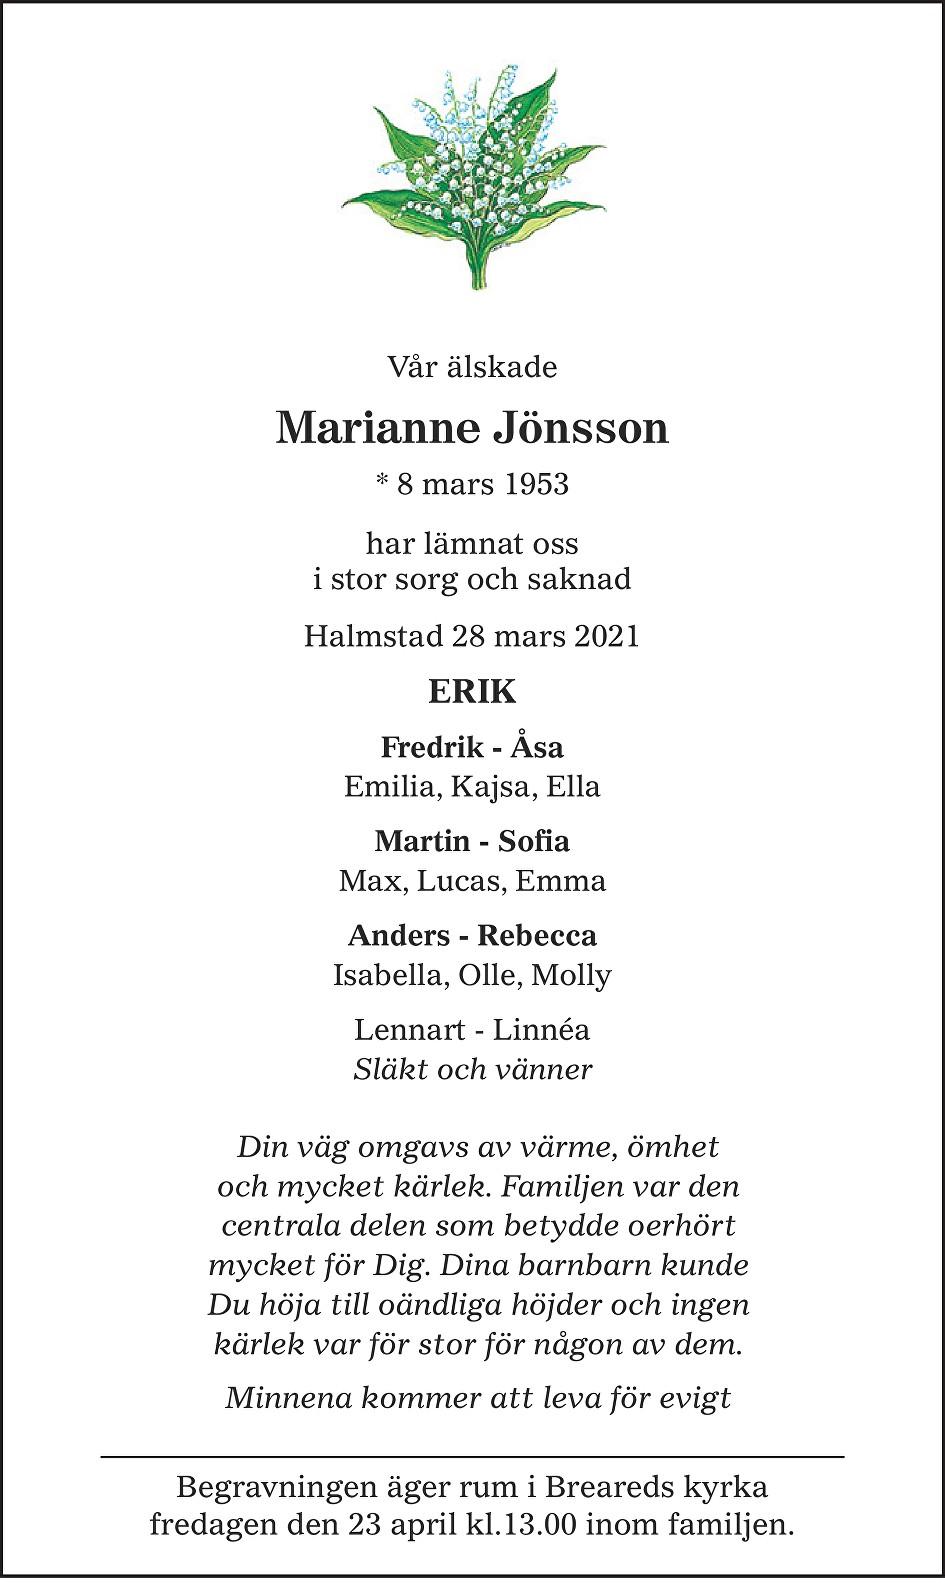 Marianne Jönsson Death notice